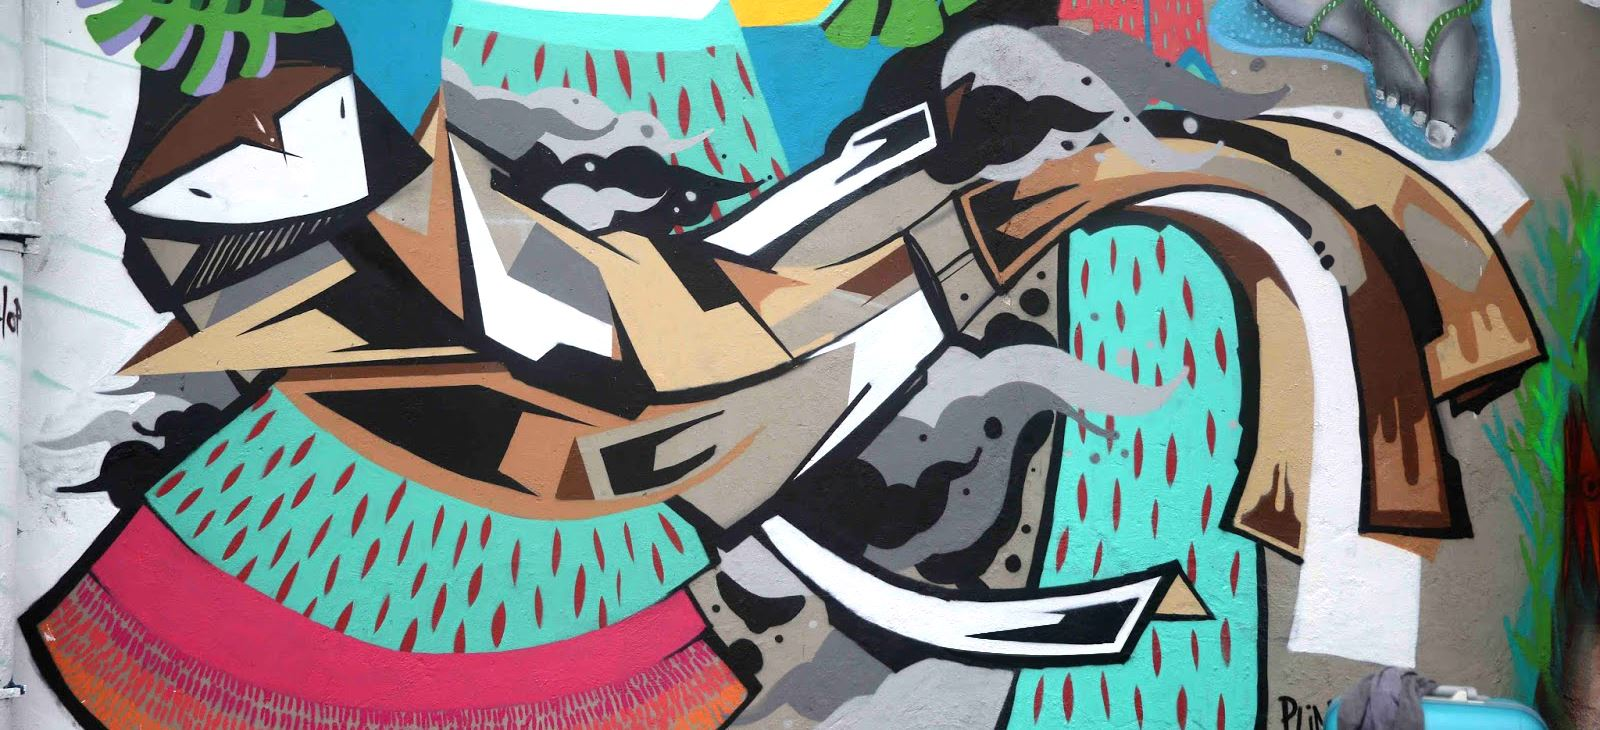 diogenes-machado-dsm-ilustração-pintura-graffiti-porto-alegre-dionisio-arte-16